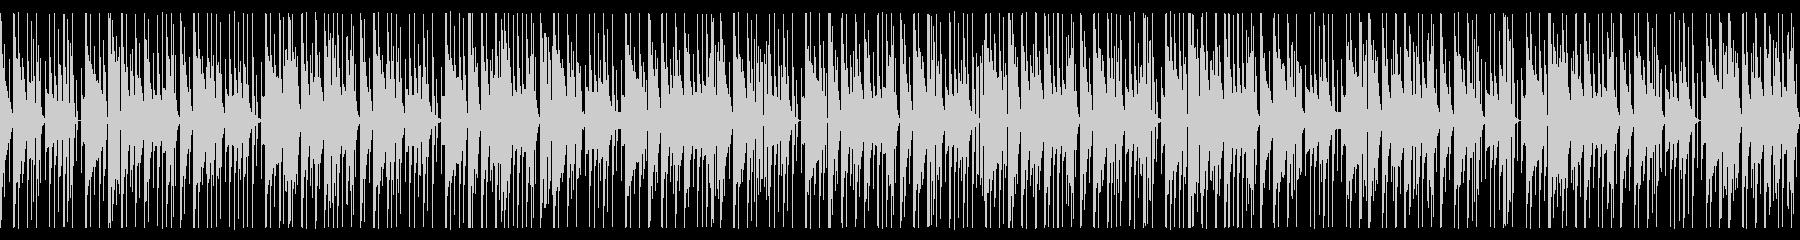 おもちゃ楽器を使ったコミカルなBGMの未再生の波形